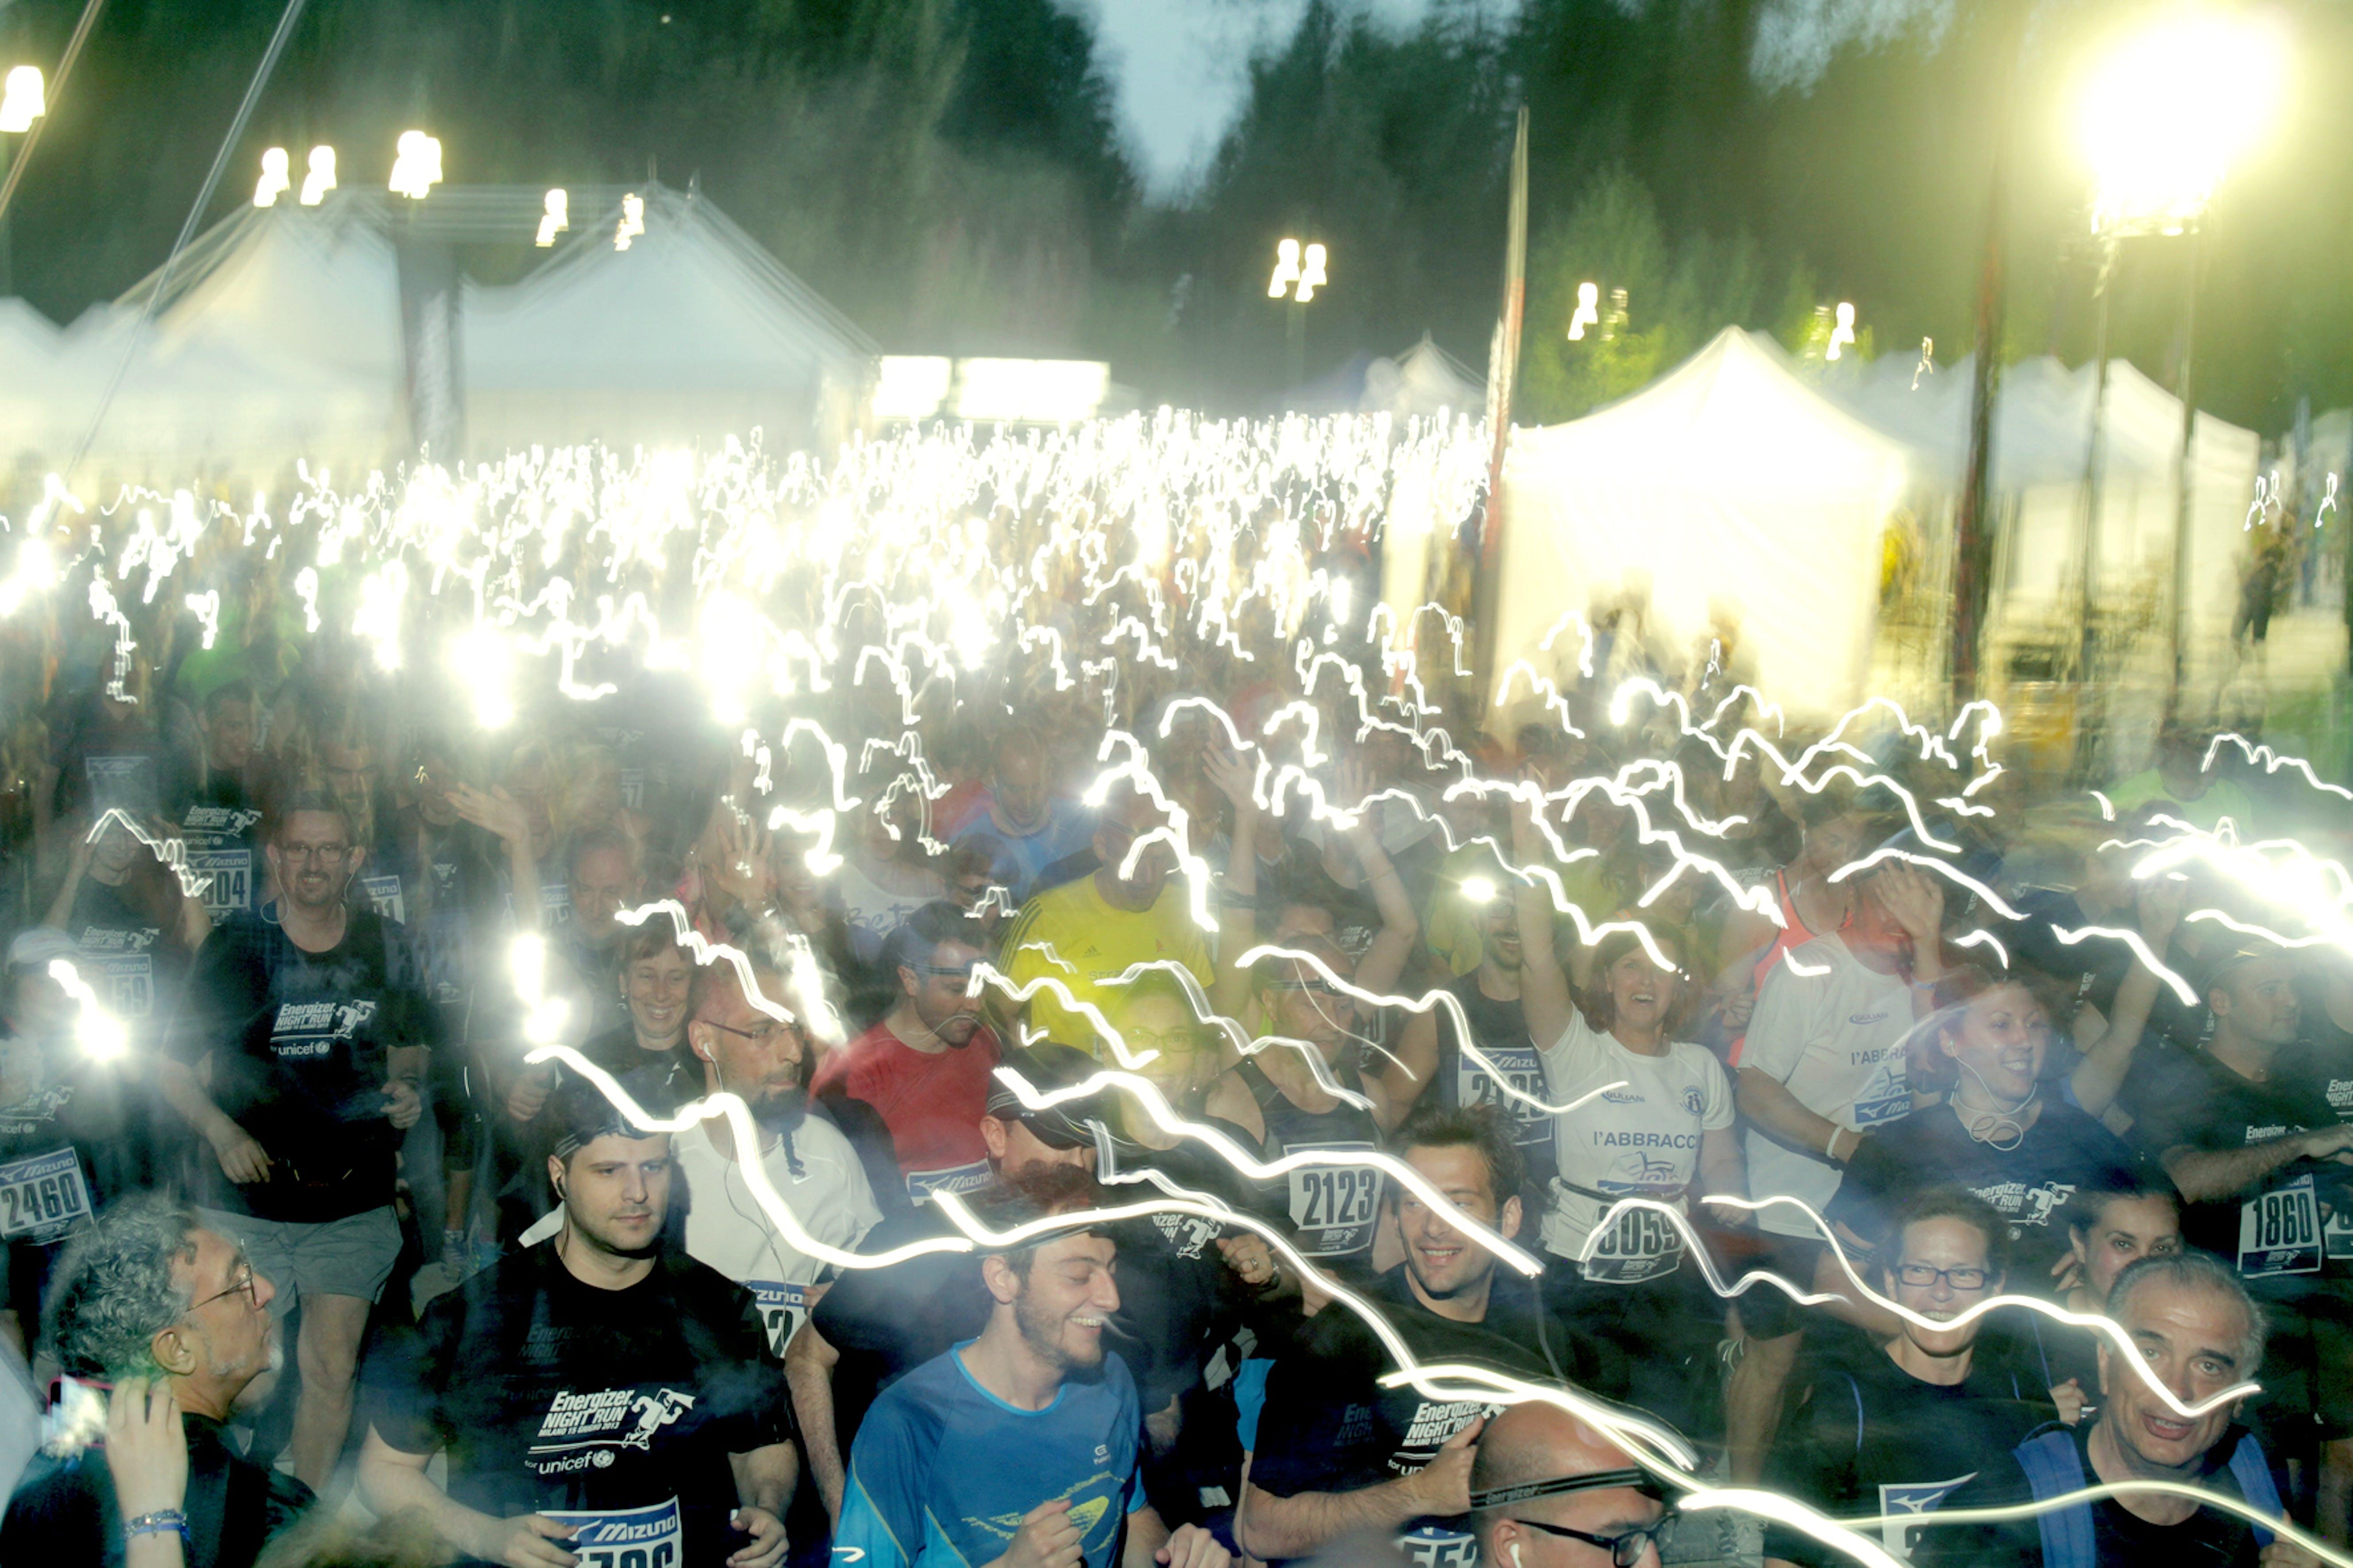 Il fiume di luci che ha animato la serata di sabato 15 giugno 2013 a Milano, grazie alla Energizer Night Run 2013 - ©valentinabersiga